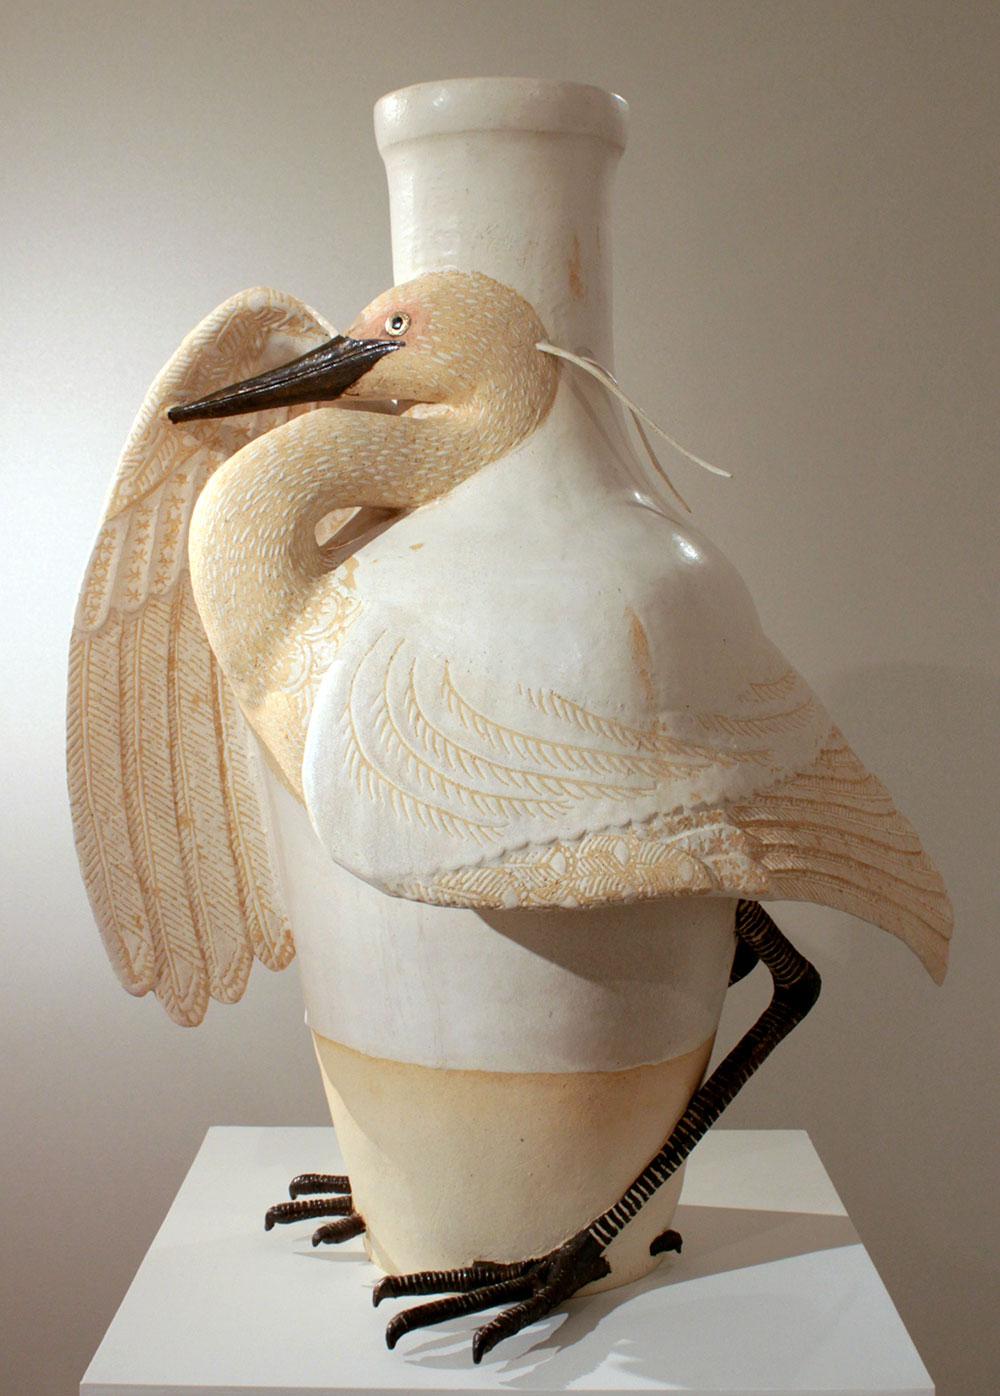 Toshiba Japanese Ceramics Resident, Keiko Masumoto